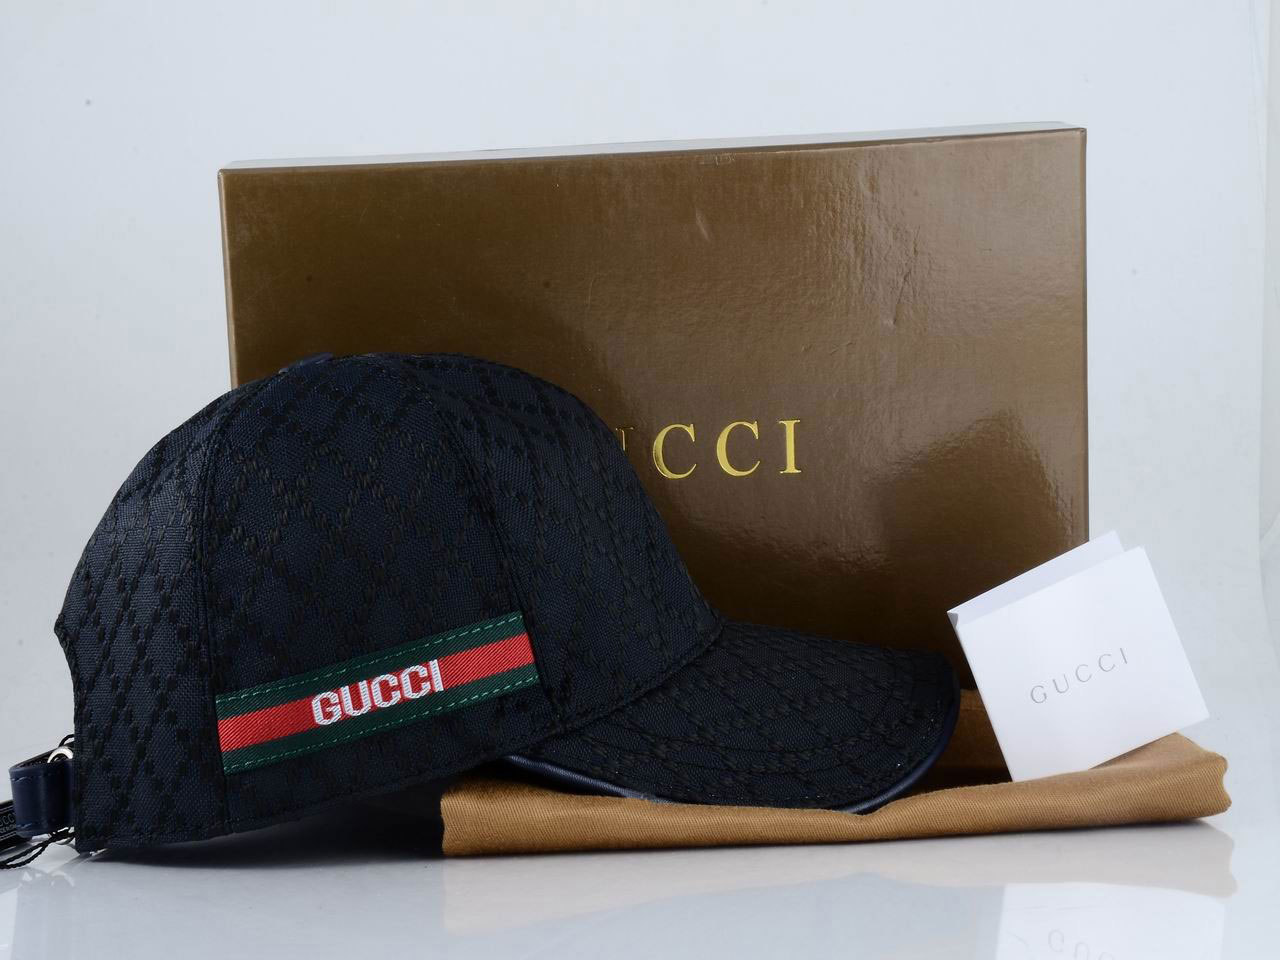 Casquette Gucci Bleu-17 - Casquette Gucci Bleu-17 pas cher 13853712085